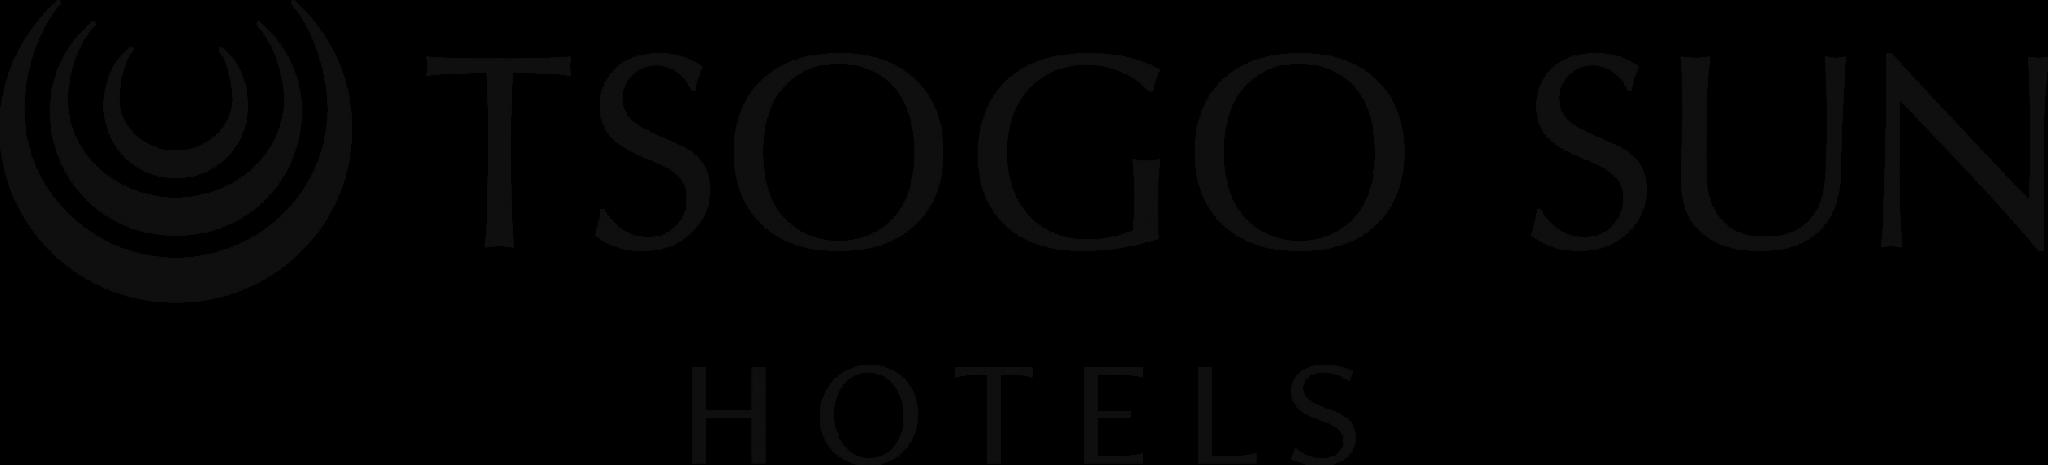 Tsogo Sun Hotels : Brand Short Description Type Here.